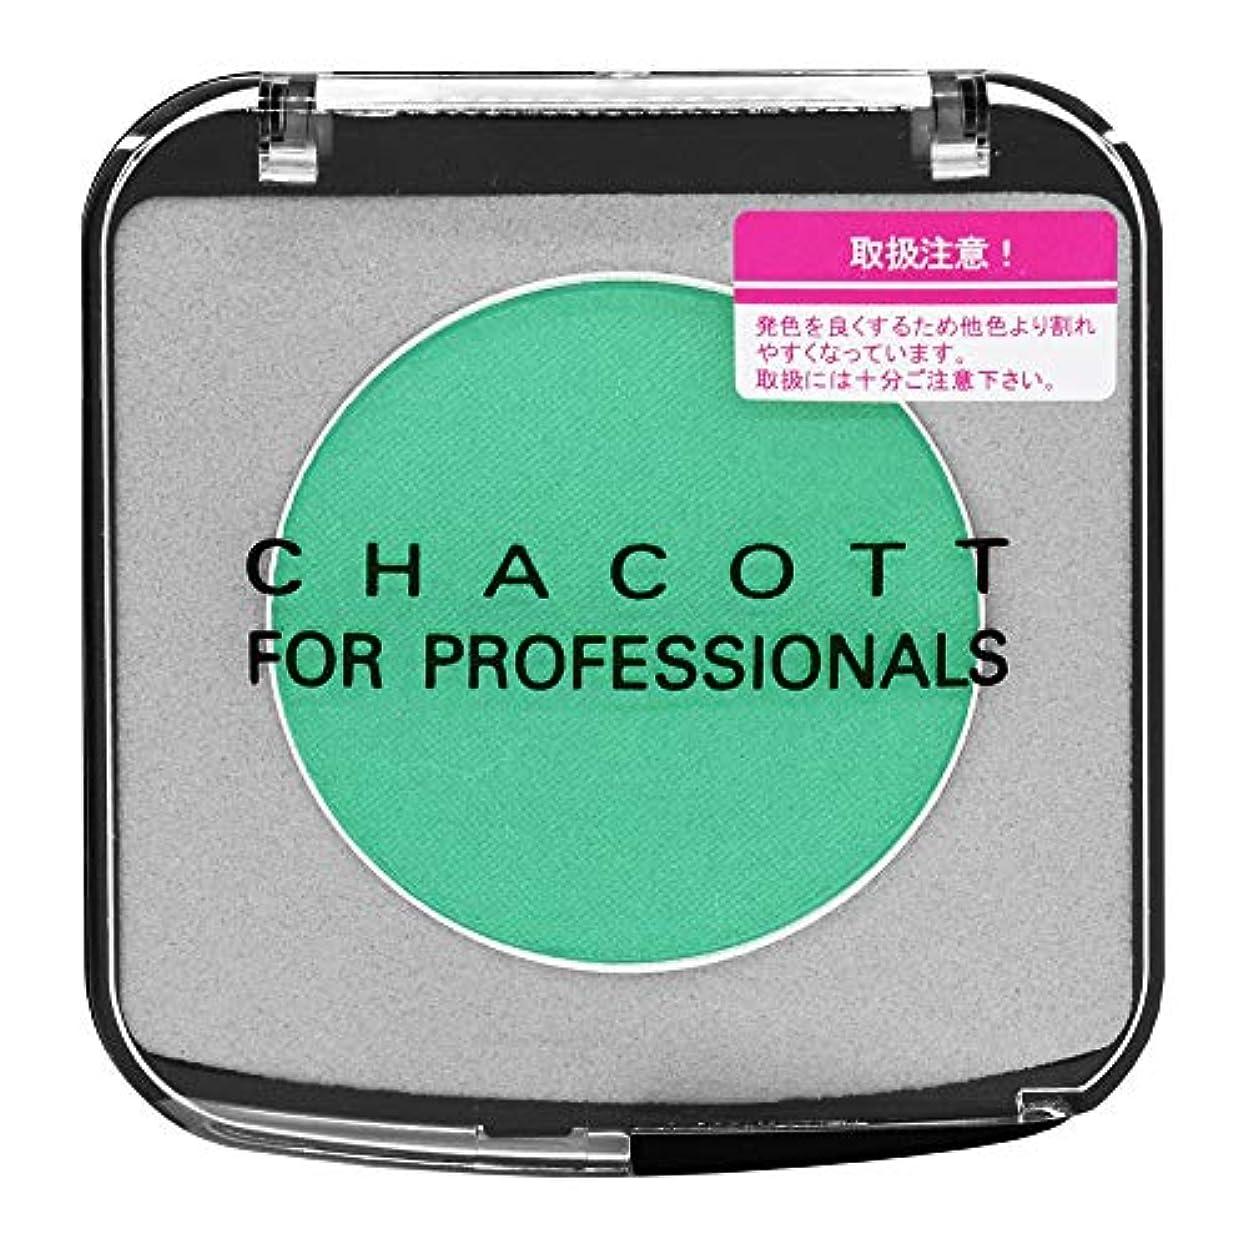 チョップ中世の振り返るCHACOTT<チャコット> メイクアップカラーバリエーション<ウィンキング> 675.デコアクアグリーン